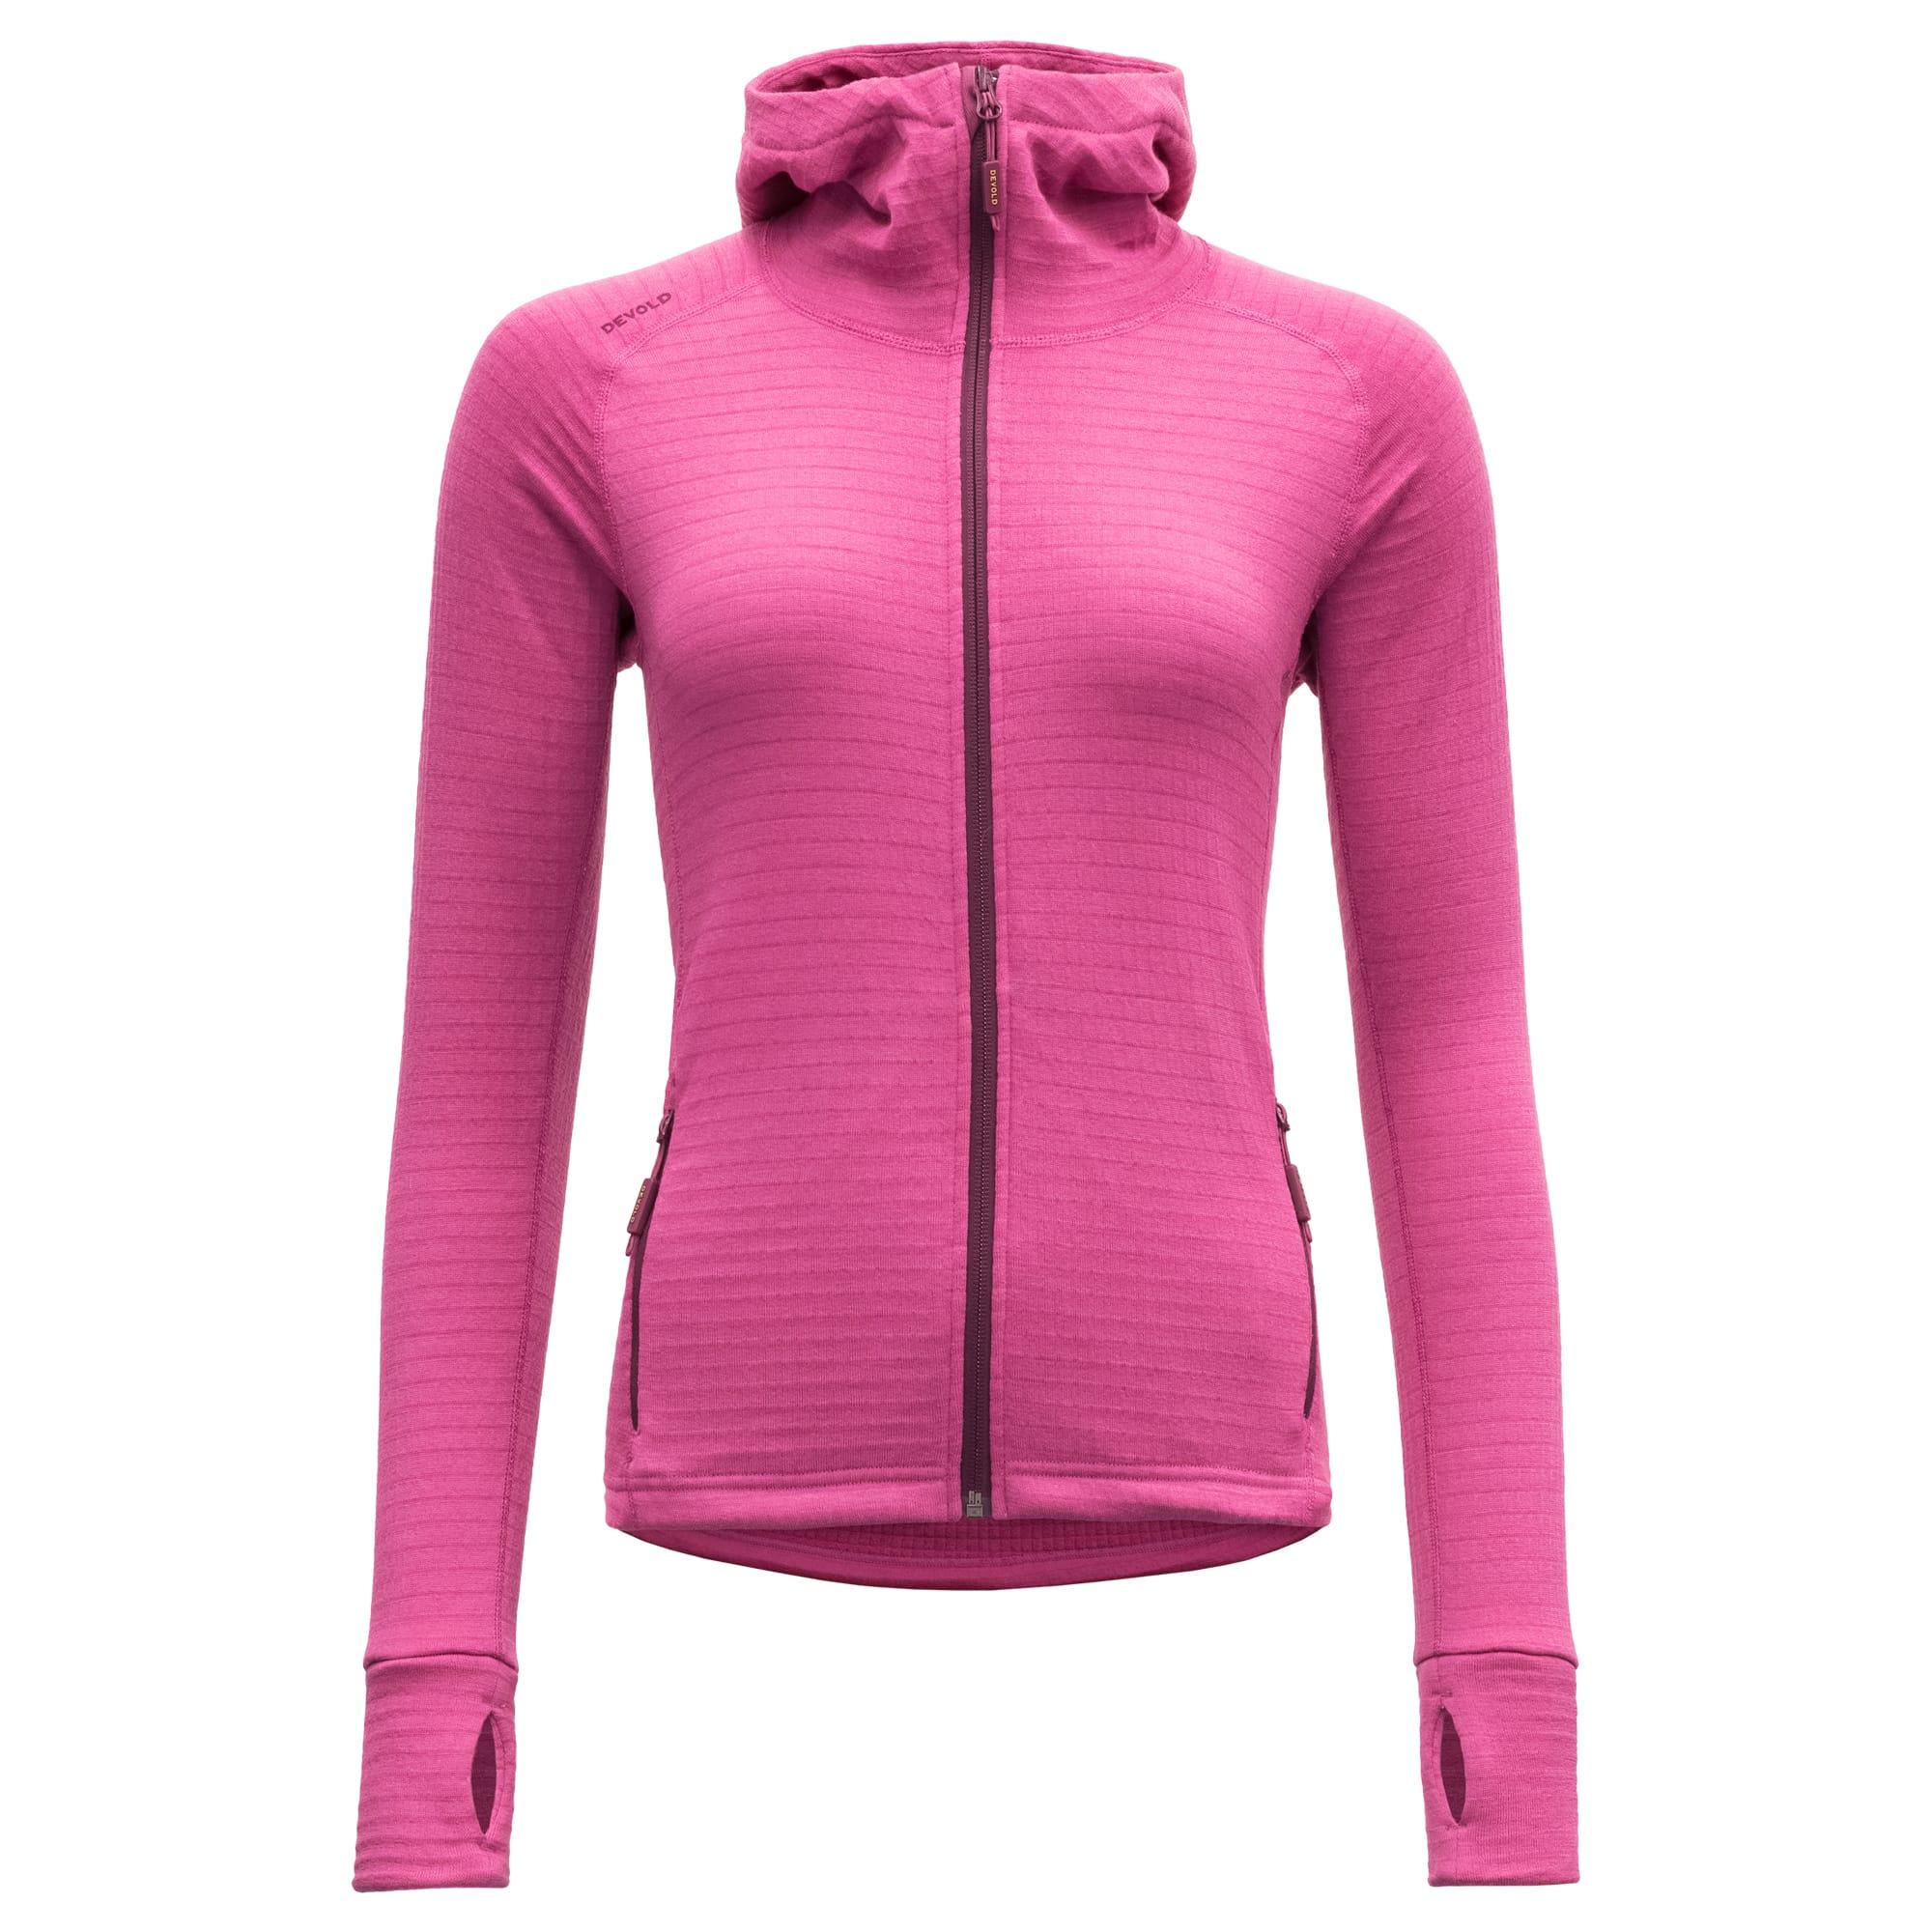 Kjøp Devold Egga Woman Jacket With Hood fra Outnorth